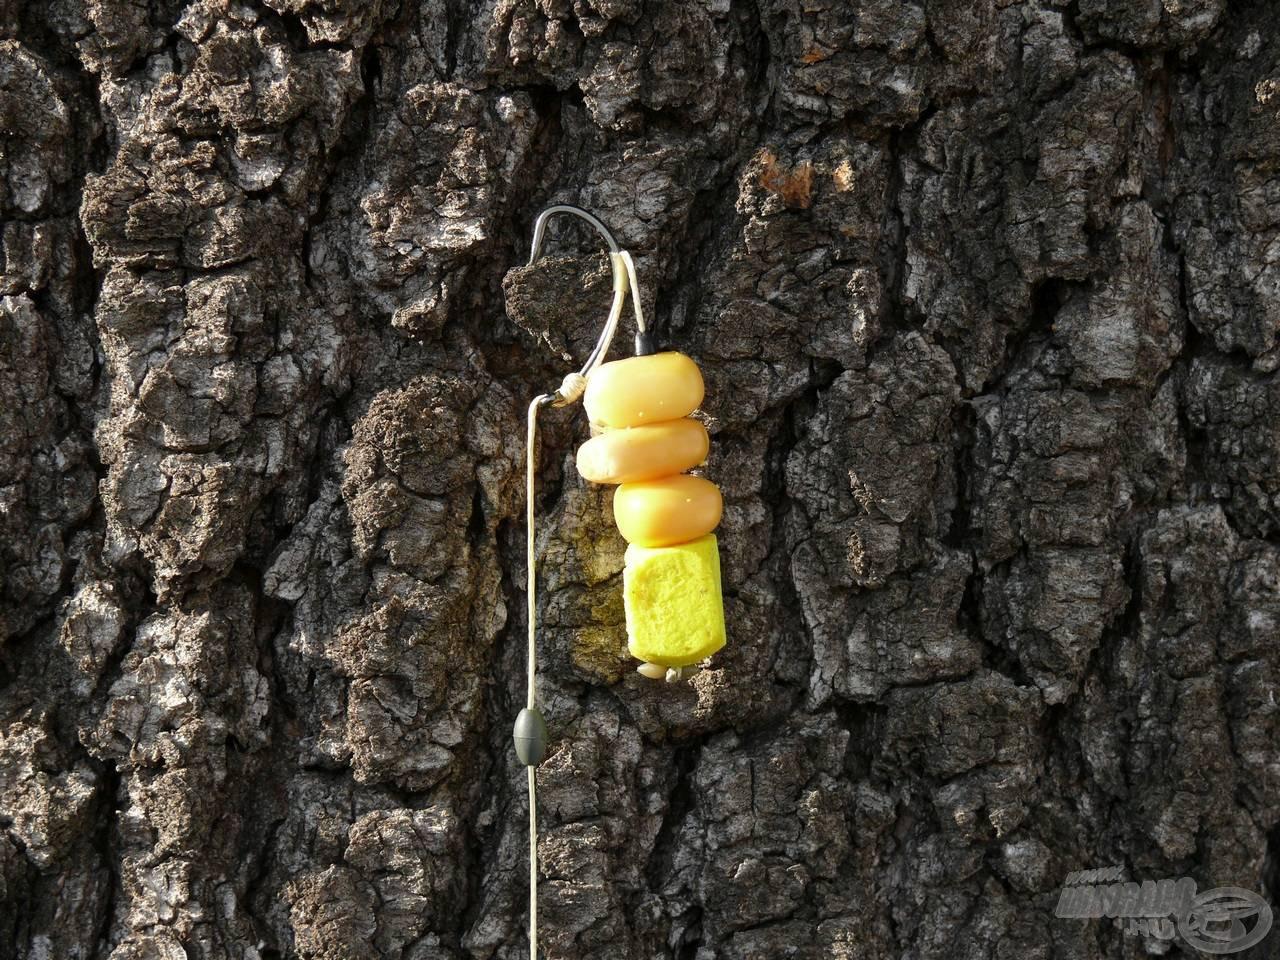 Az amuros csalikombináció: 3 szem kukorica és egy faragott Édes Ananász pop-up bojli a balanszírozás végett